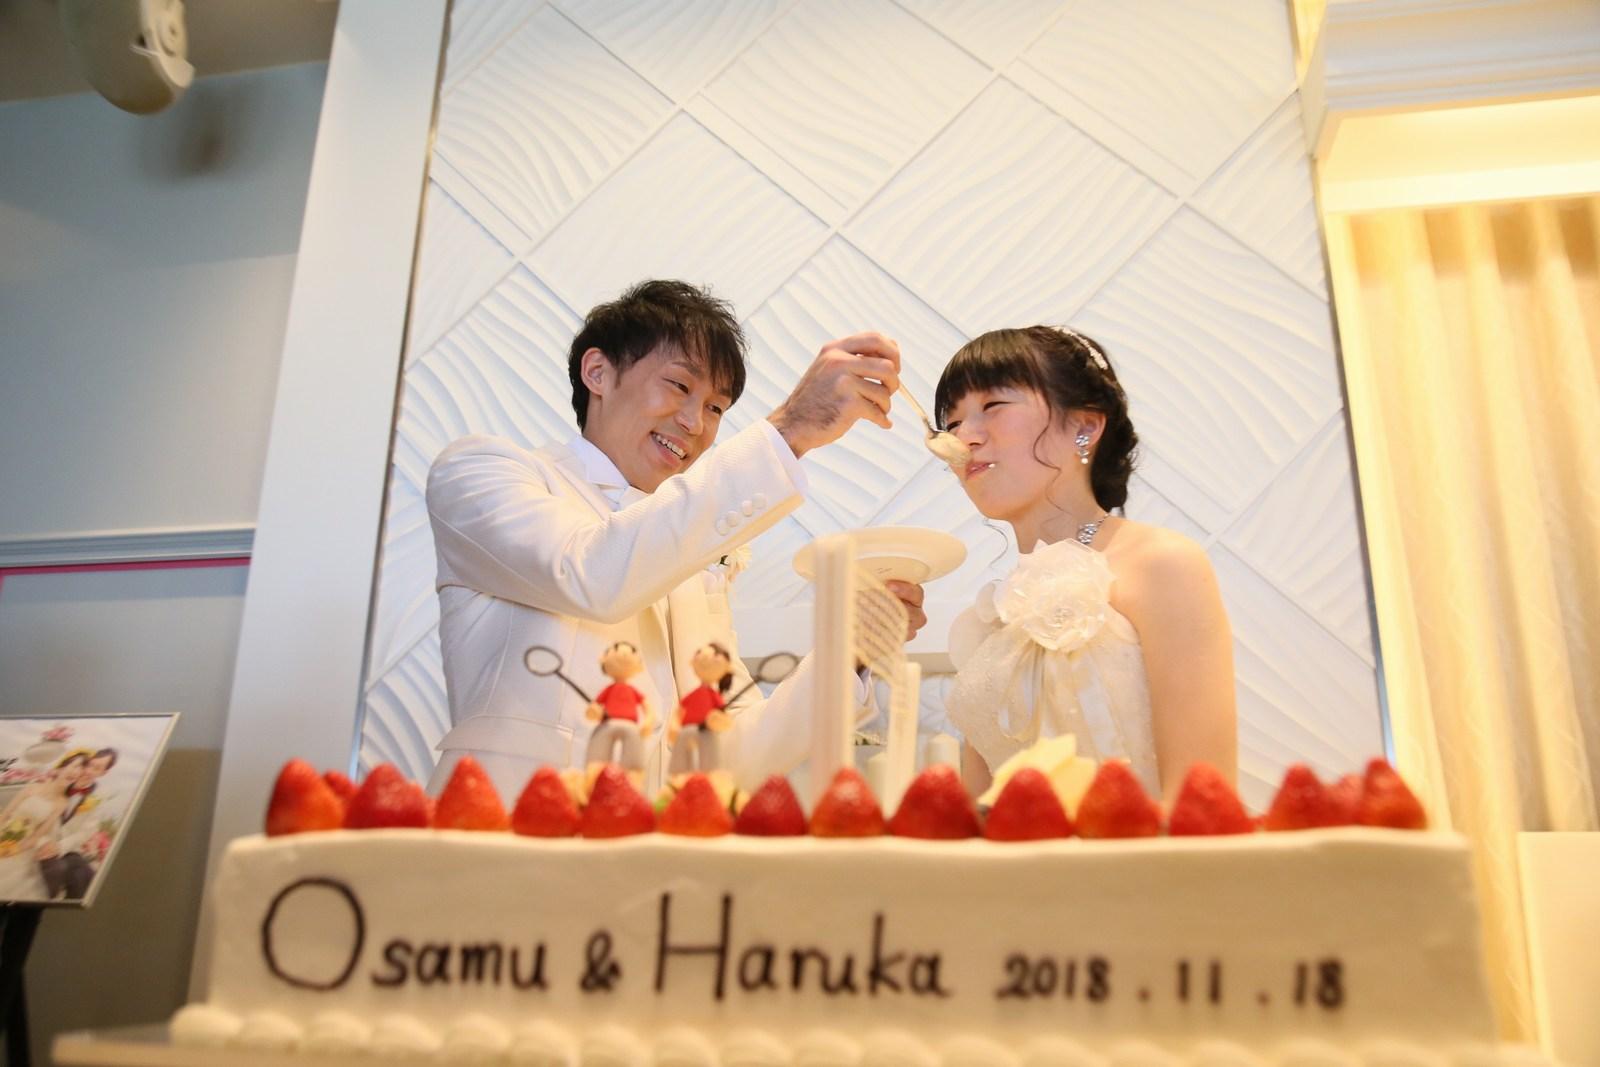 徳島市の結婚式場ブランアンジュで披露宴での新郎新婦様のウエディングケーキ入刀後にファーストバイト